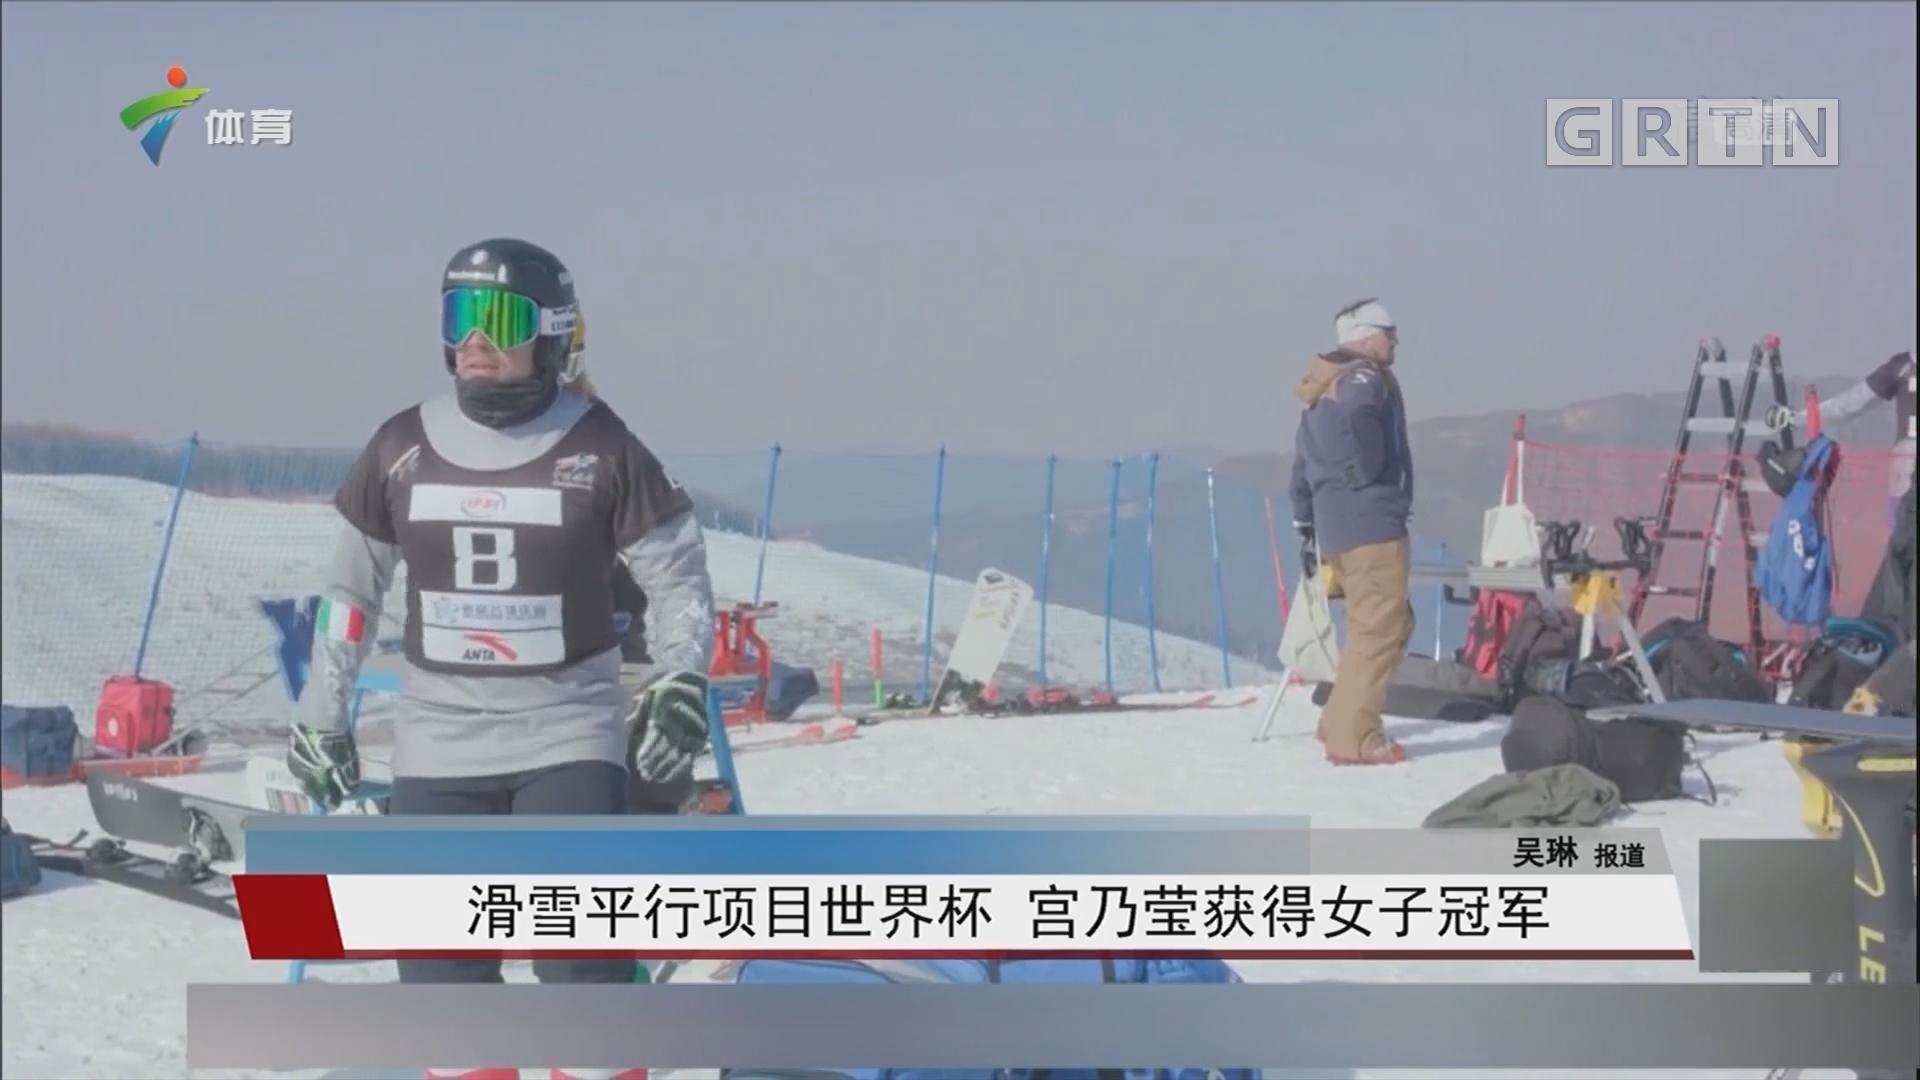 滑雪平行项目世界杯 宫乃莹获得女子冠军